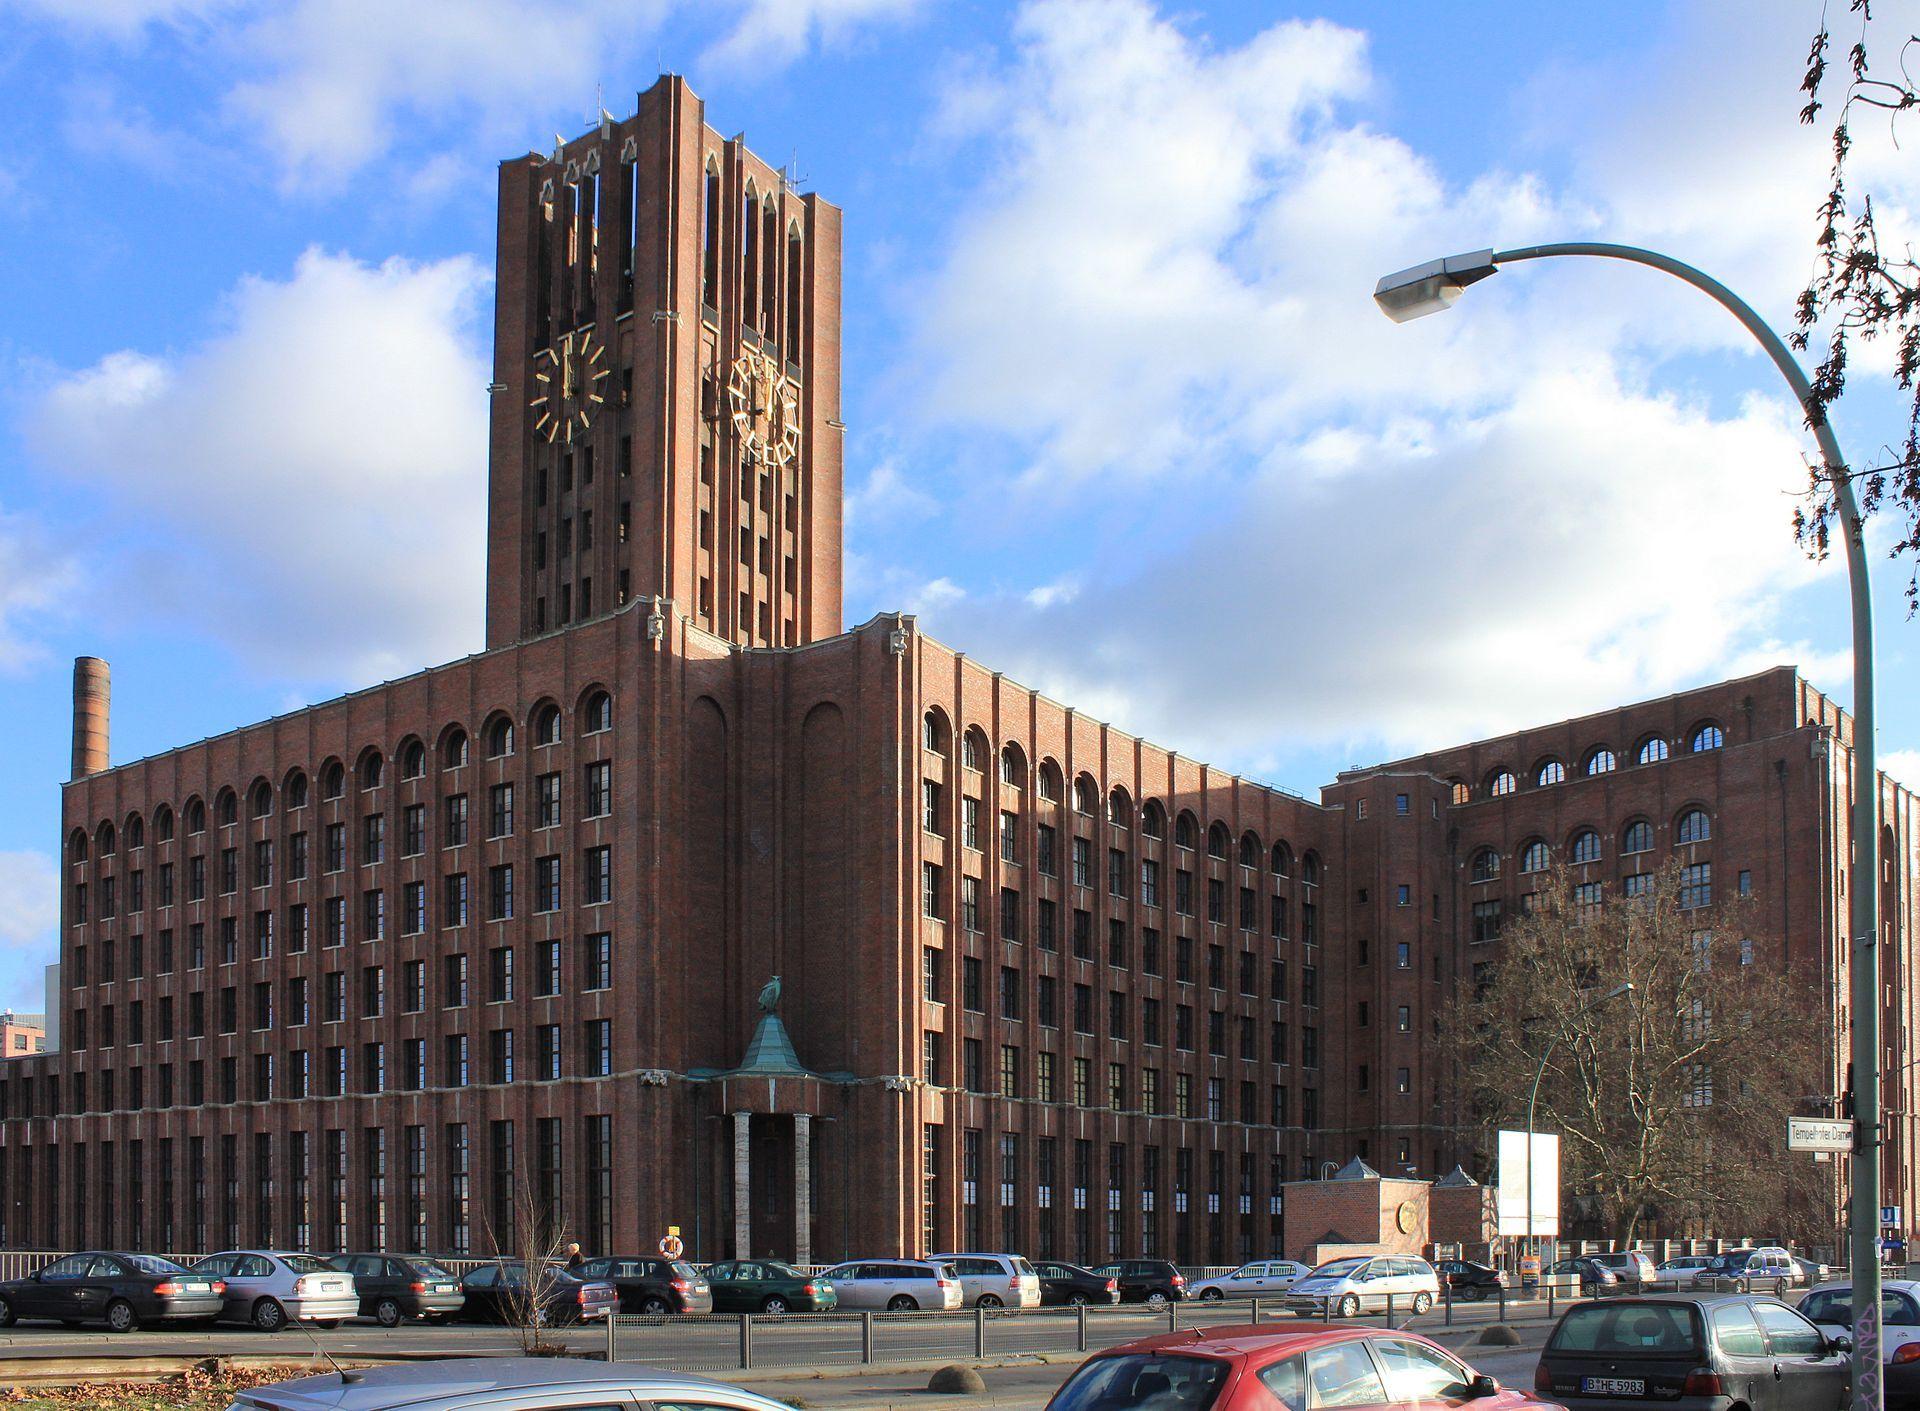 Expressionismus Architektur: 09055109 Berlin Tempelhof, Mariendorfer Damm 1-3 006